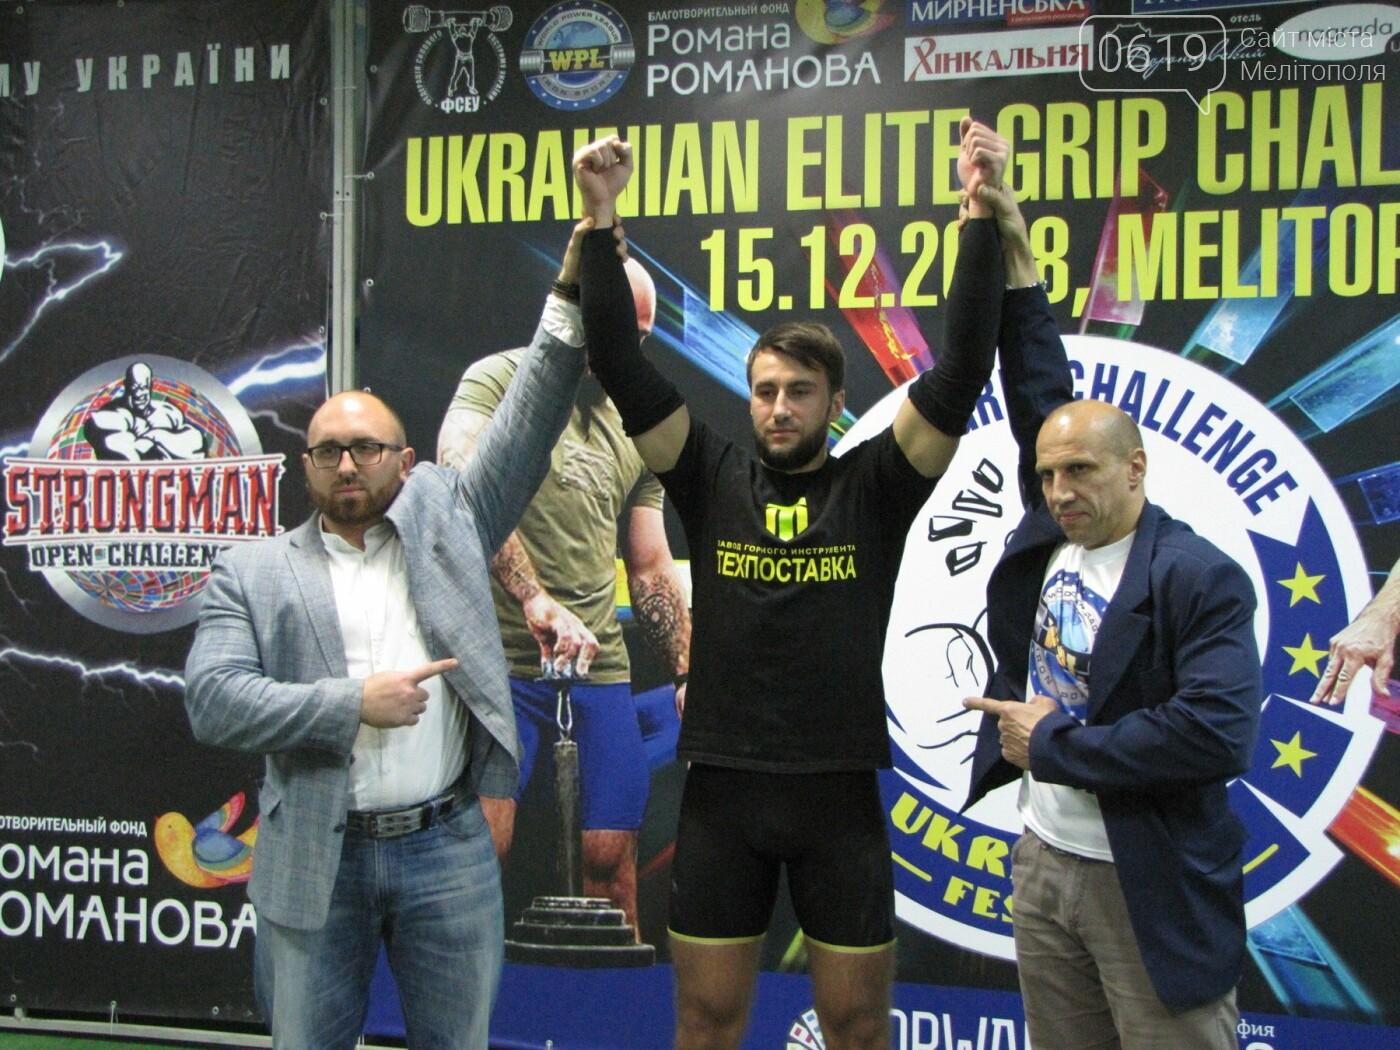 В Мелитополе сильнейшие атлеты соревновались в силе хвата, фото-26